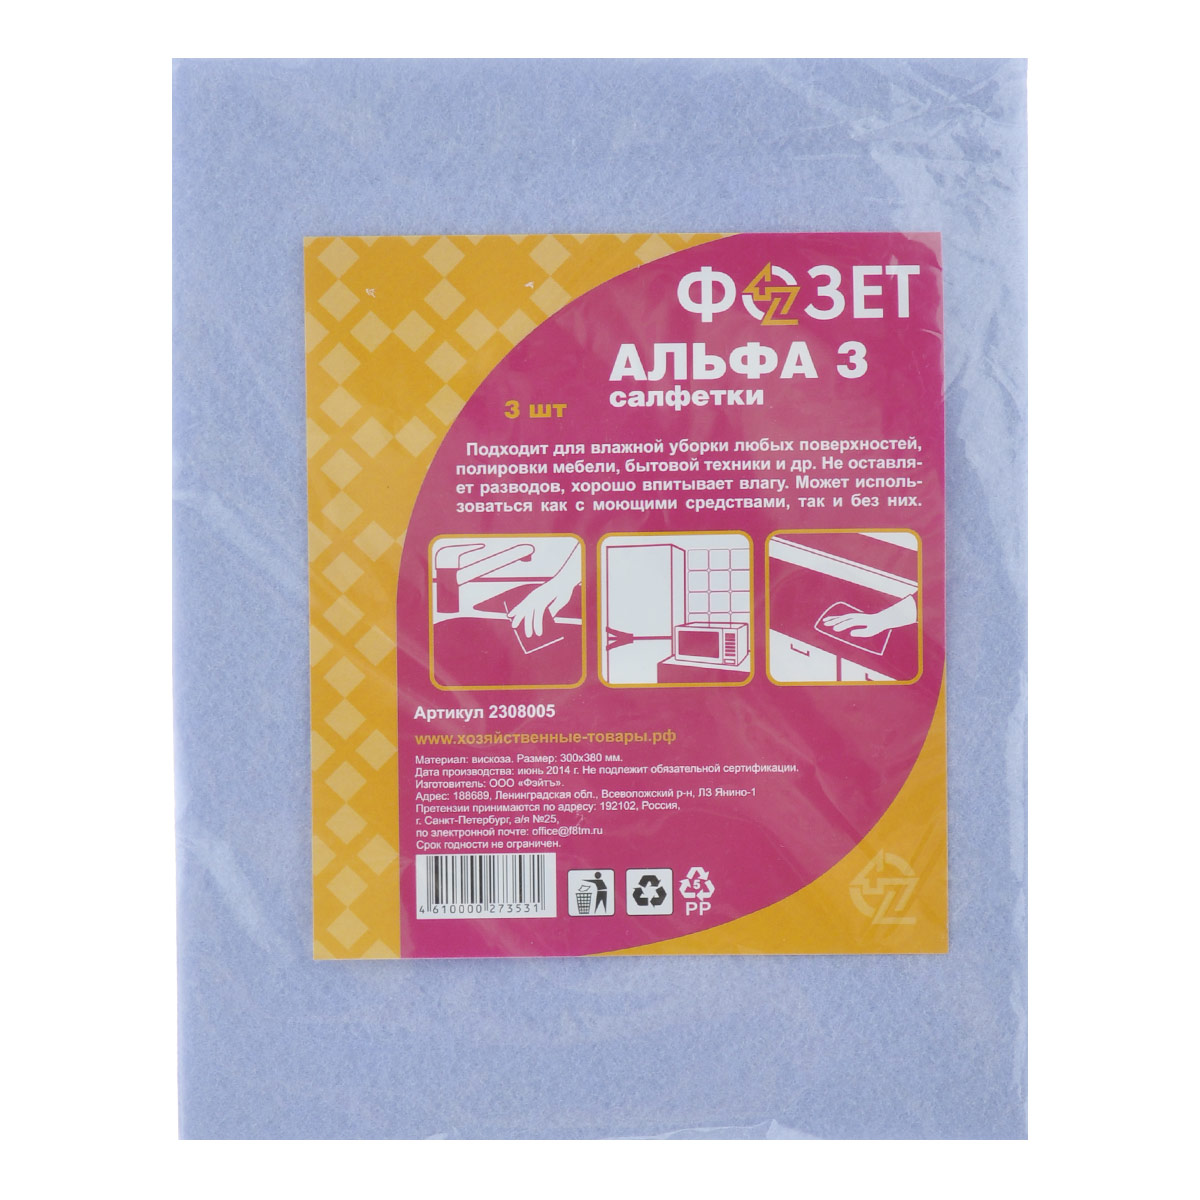 Cалфетка универсальная Фозет Альфа-3, цвет: сиреневый, 30 х 38 см, 3 штOLIVIERA 75012-5C CHROMEУниверсальные салфетки Фозет Альфа-3, выполненные из мягкого нетканого вискозного материала, подходят как для сухой, так и для влажной уборки. Такие салфетки превосходно впитывают влагу, не оставляют разводов и волокон. Позволяют быстро и качественно очистить кухонные столы, кафель, раковины, сантехнику, деревянную и пластмассовую мебель, оргтехнику, поверхности стекла, зеркал и прочее. Можно использовать как с моющими средствами, так и без них.